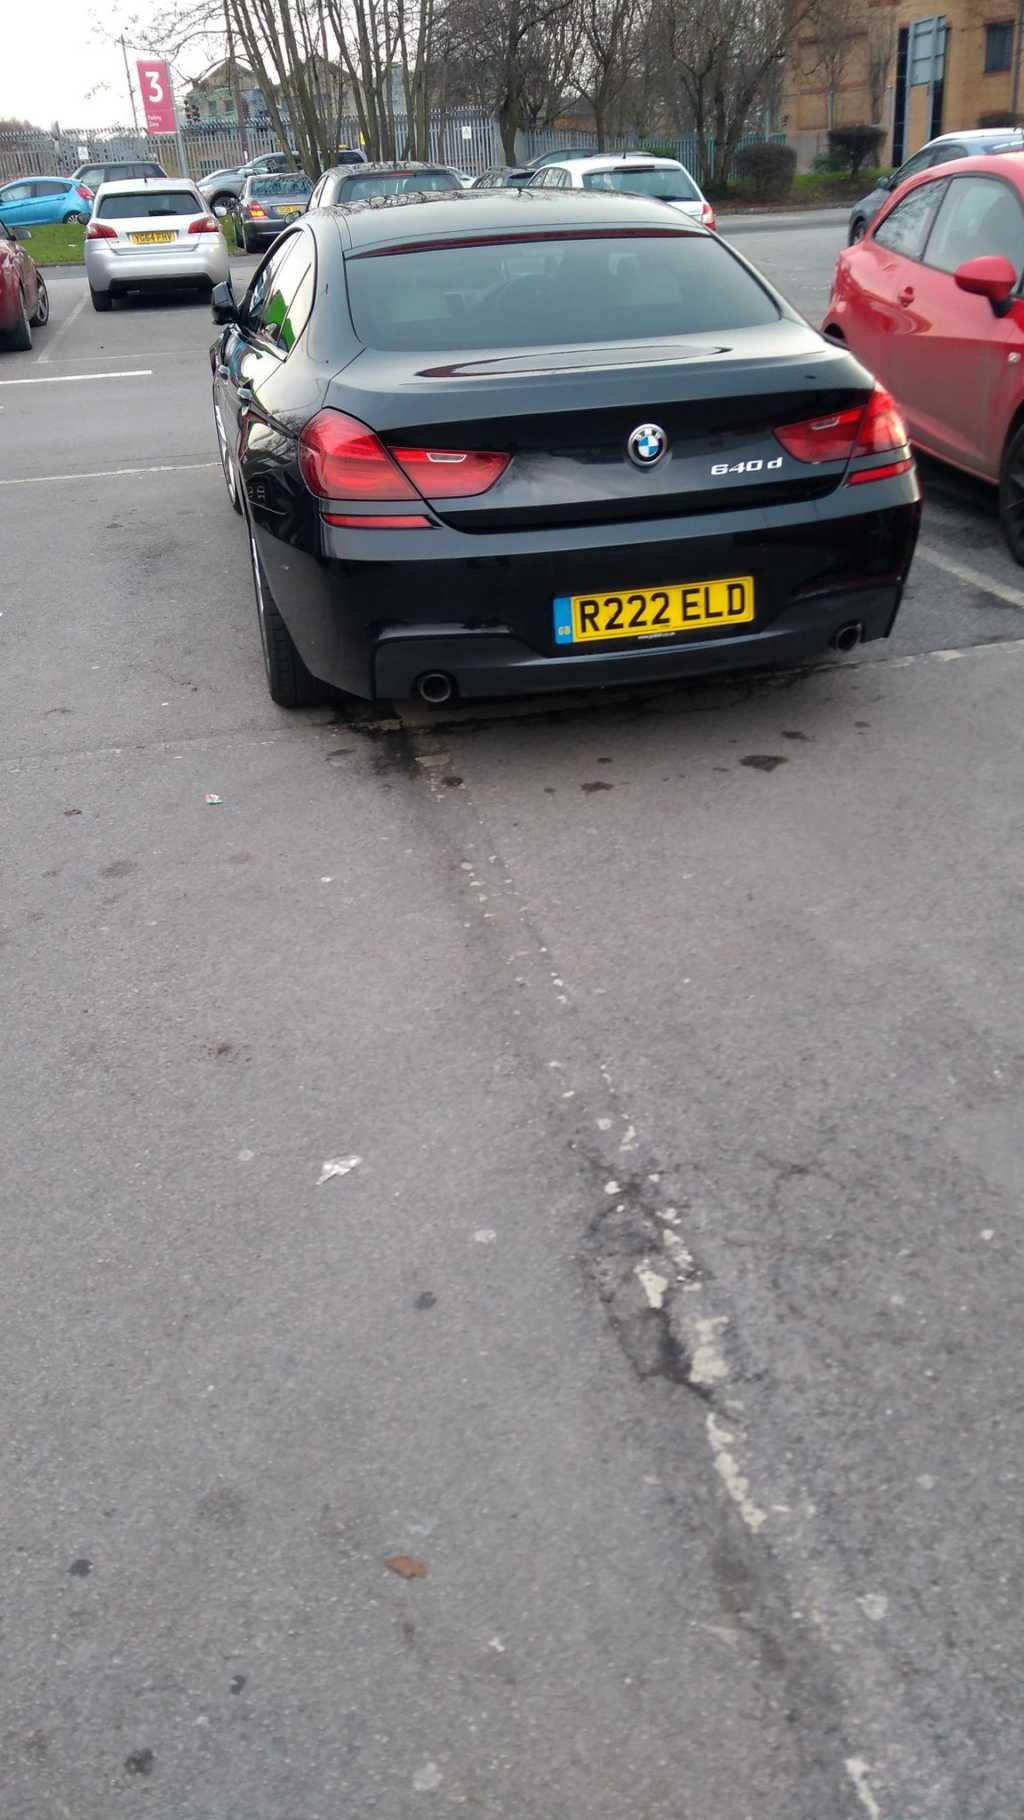 R222 ELD is a crap parker